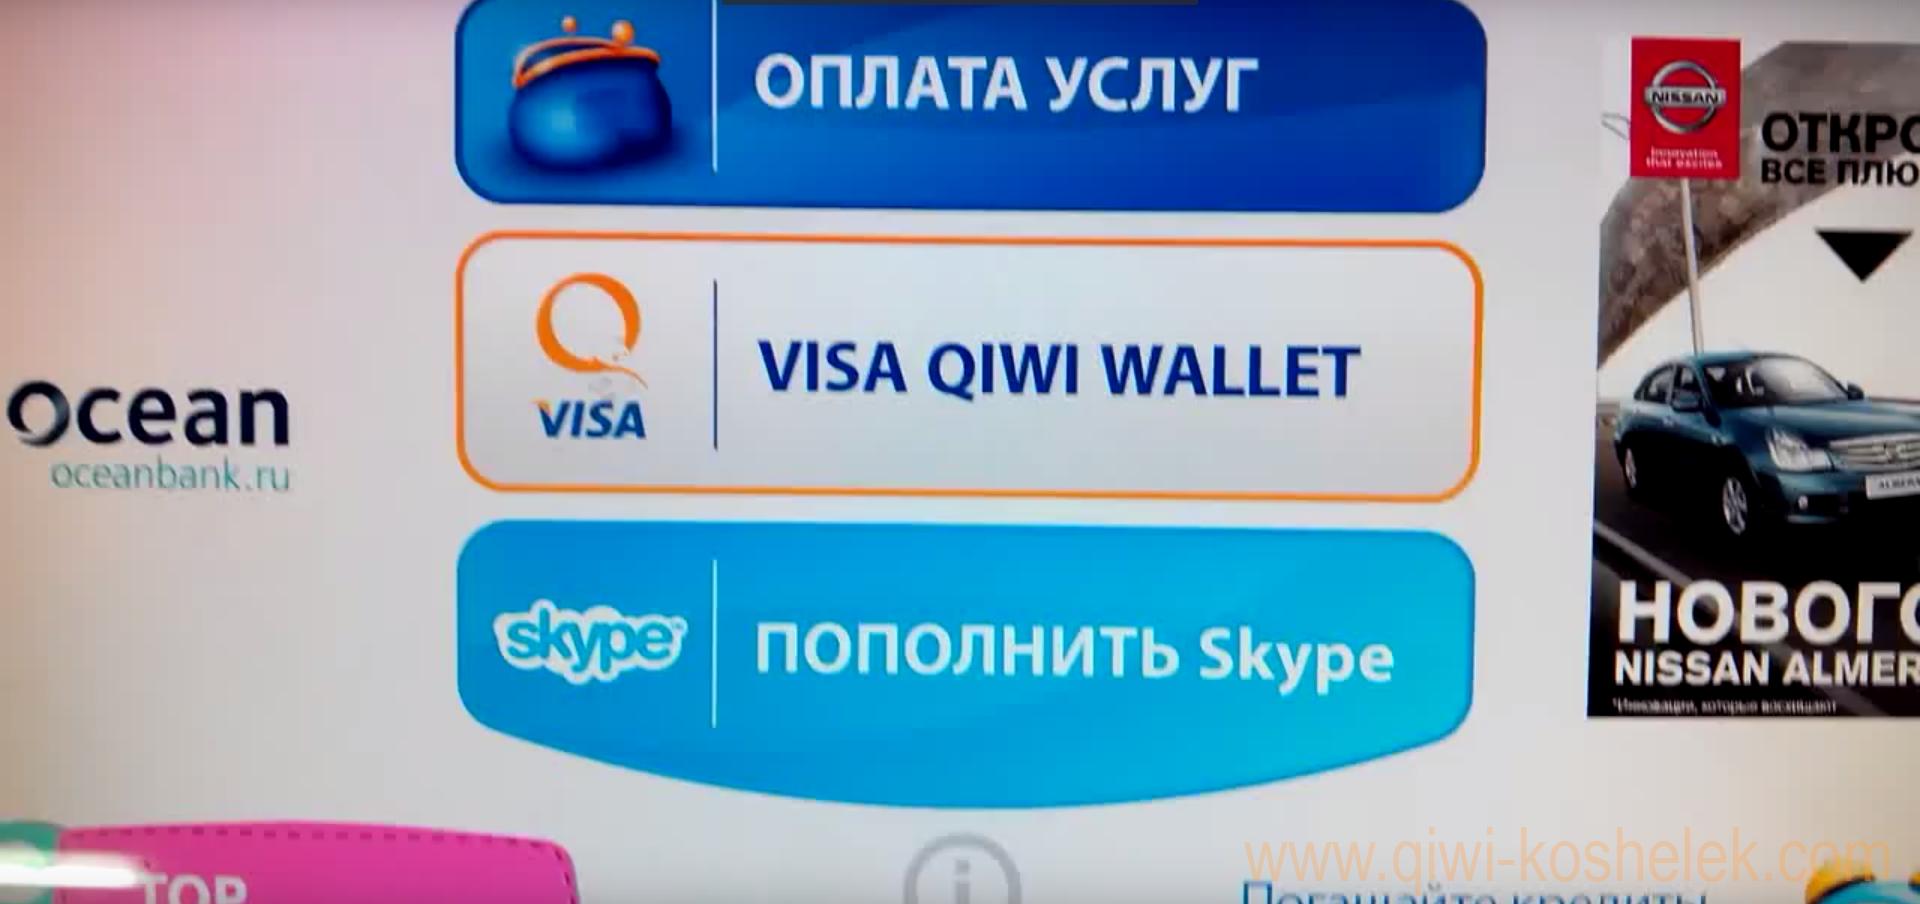 Киви кошелек  вход в личный кабинет VISA QIWI Wallet